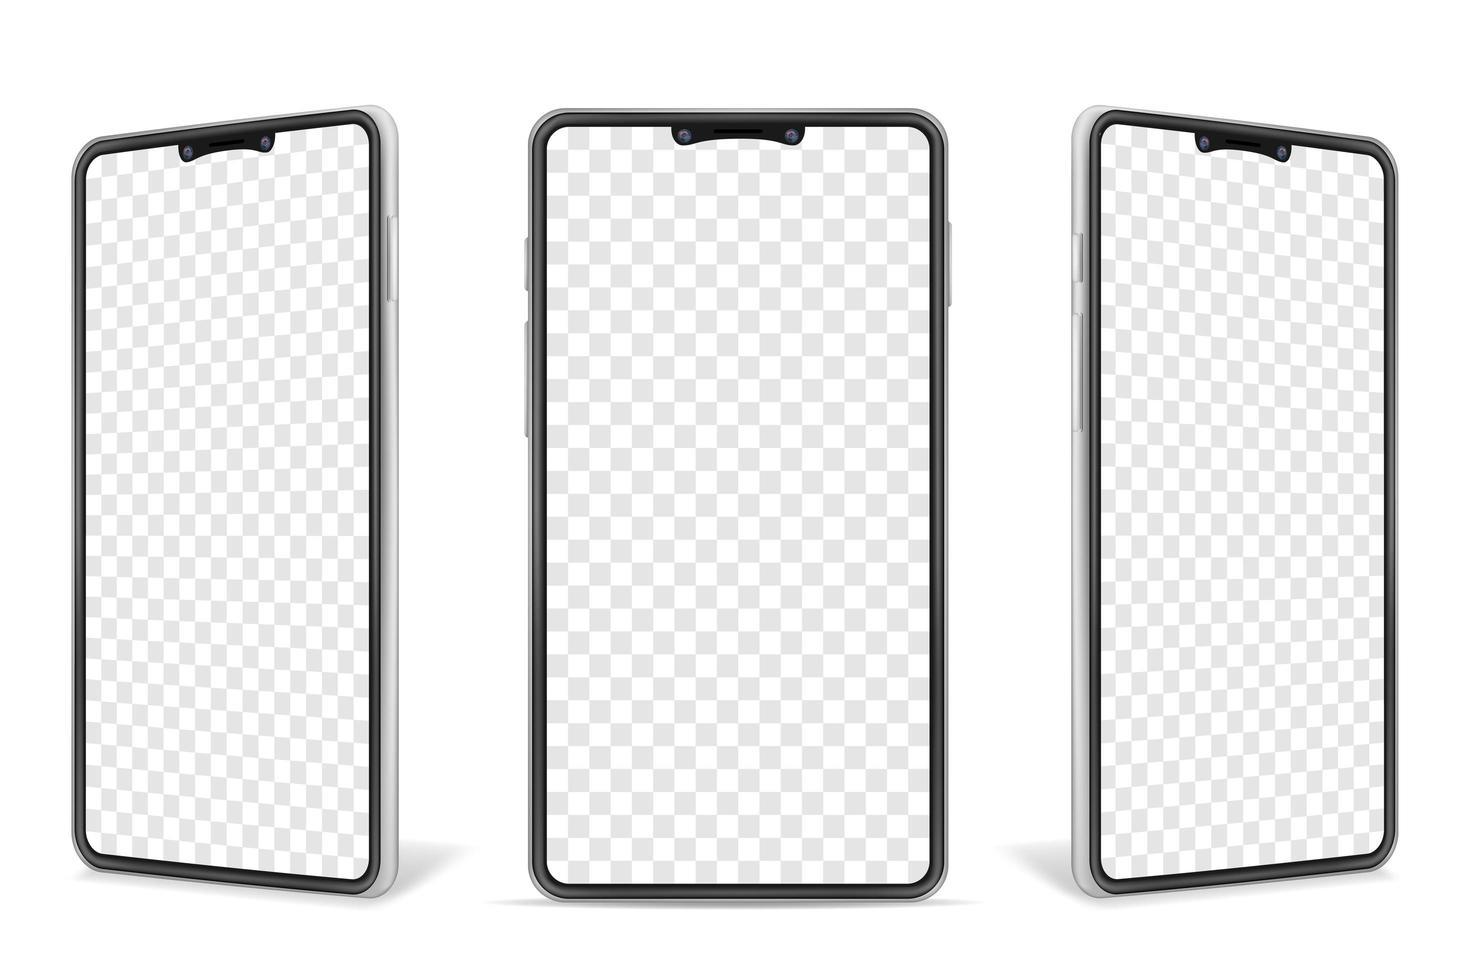 realistisk smartphone tom mock up set vektor